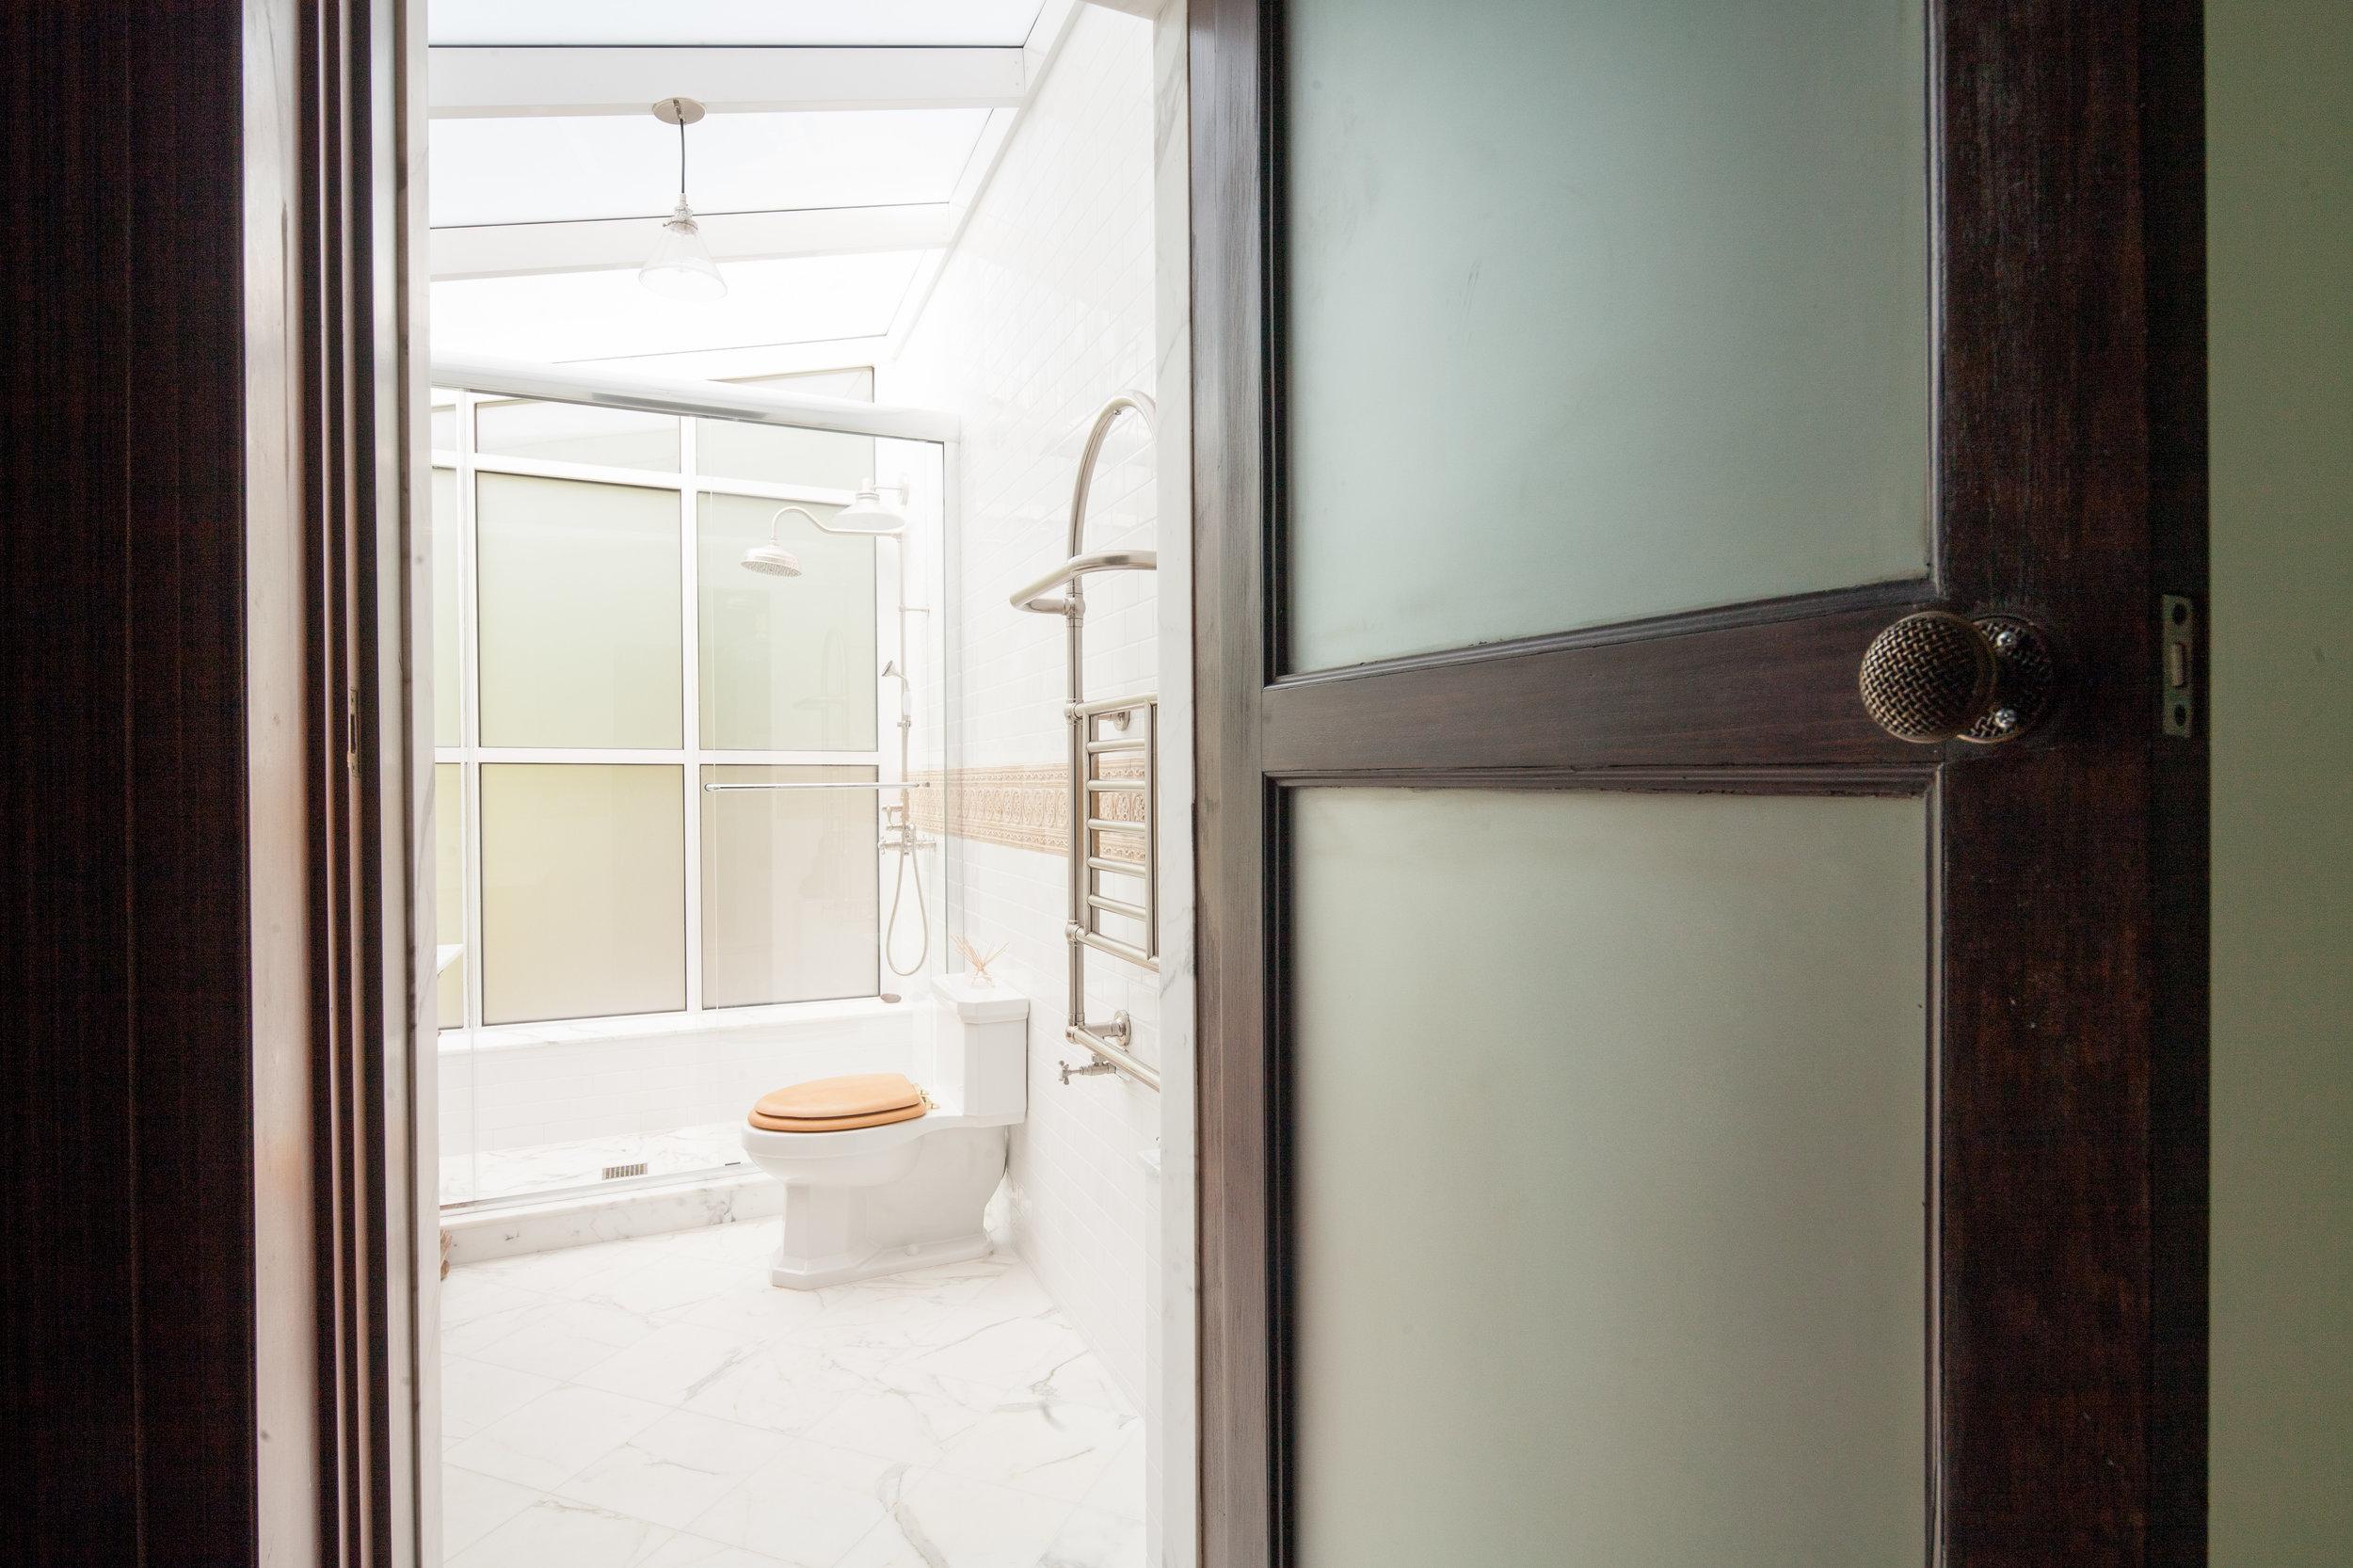 2013-05-07_Crown_Bathroom_Full_6.jpg